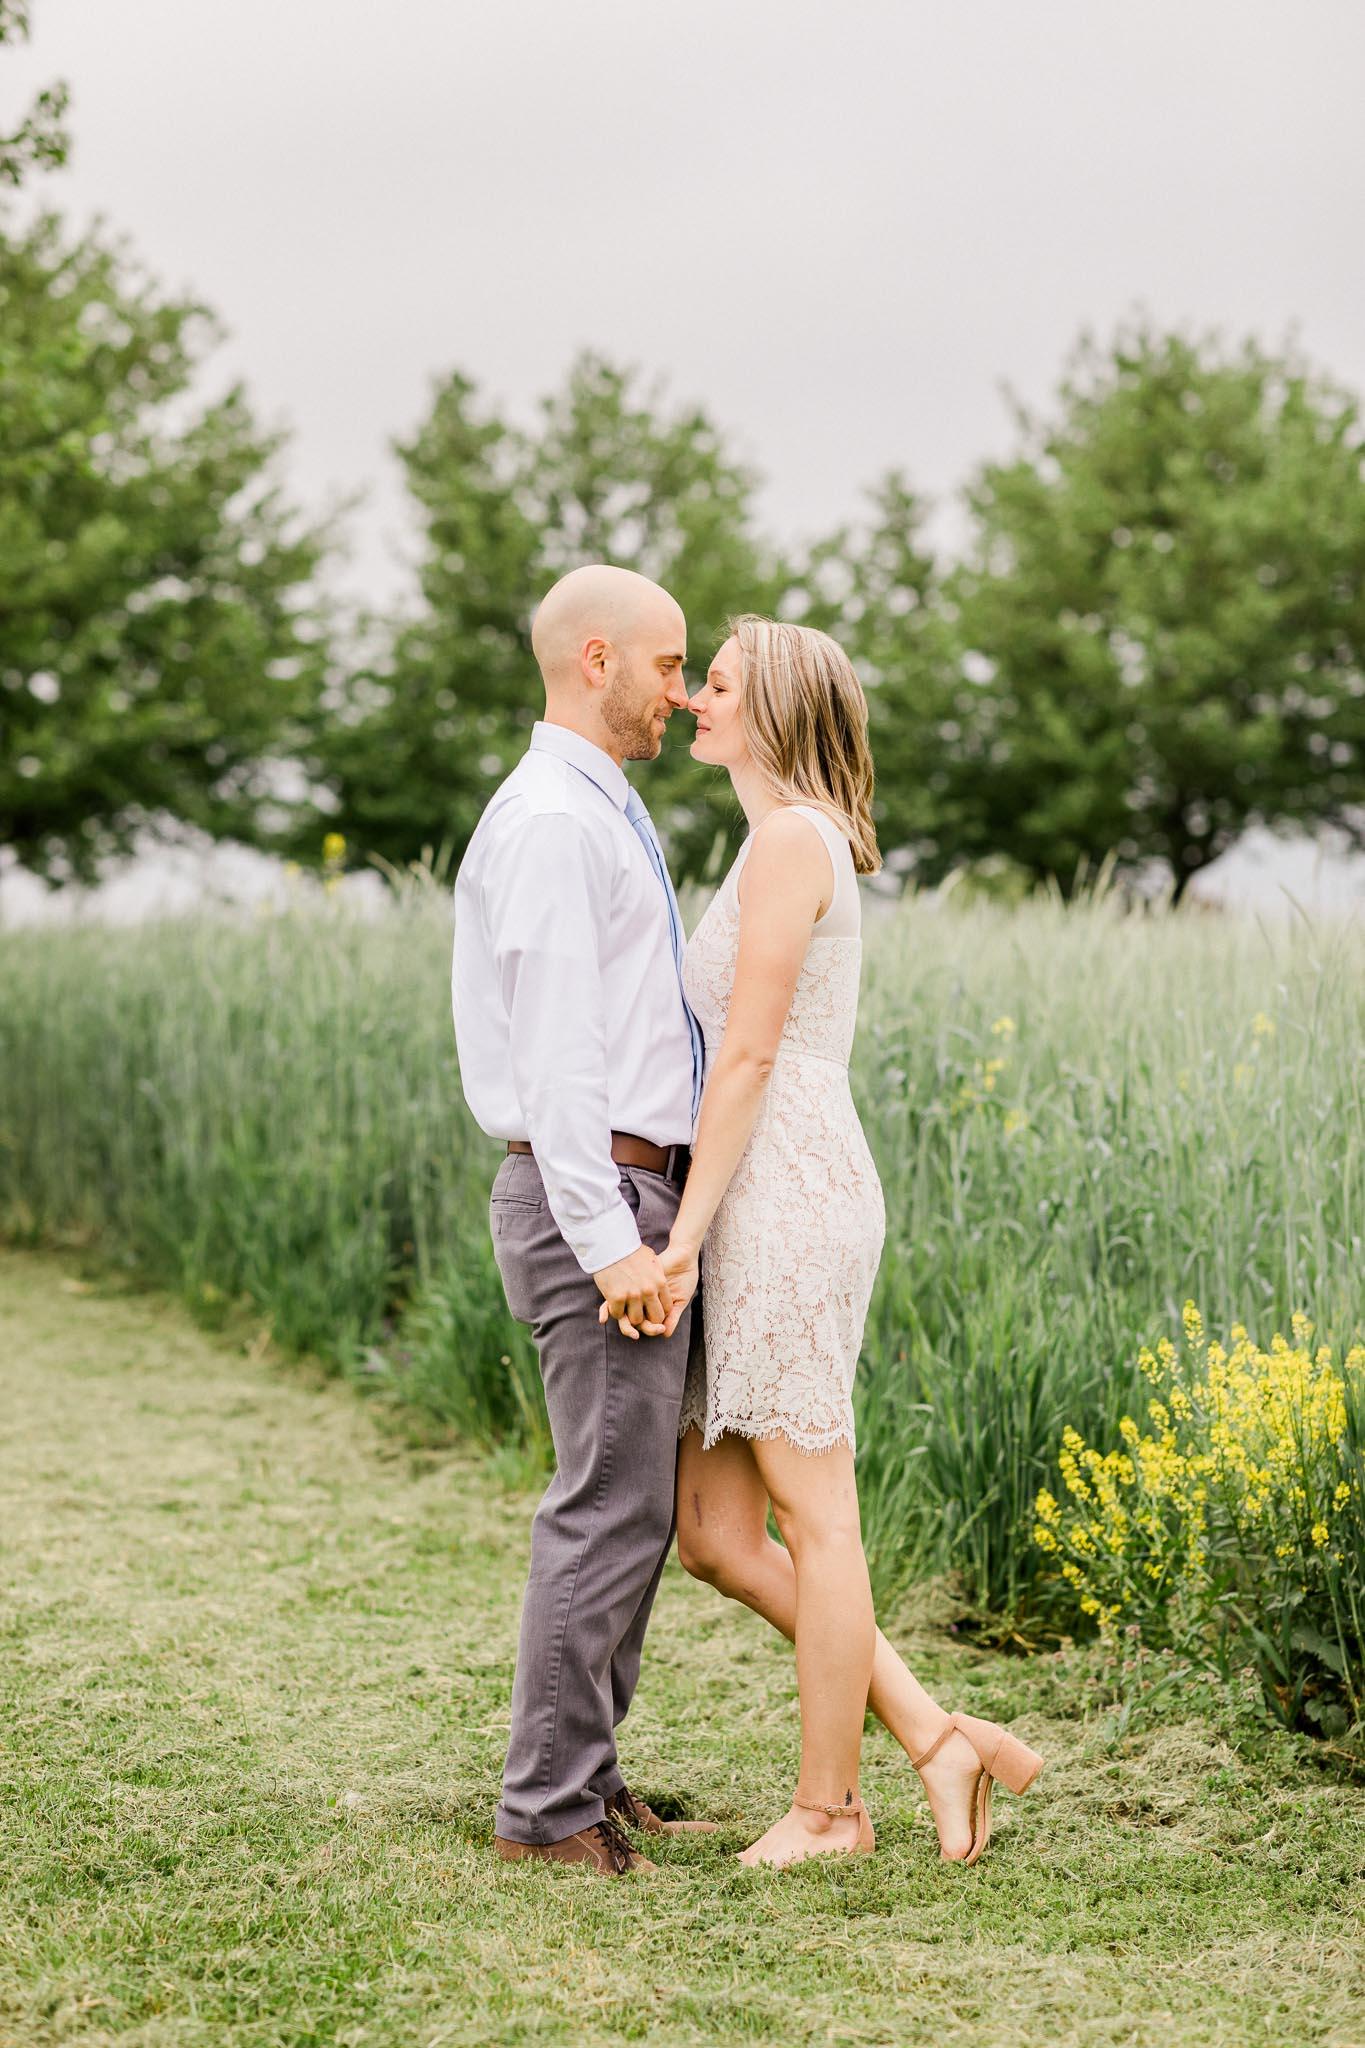 Danville-elopement-5310.jpg